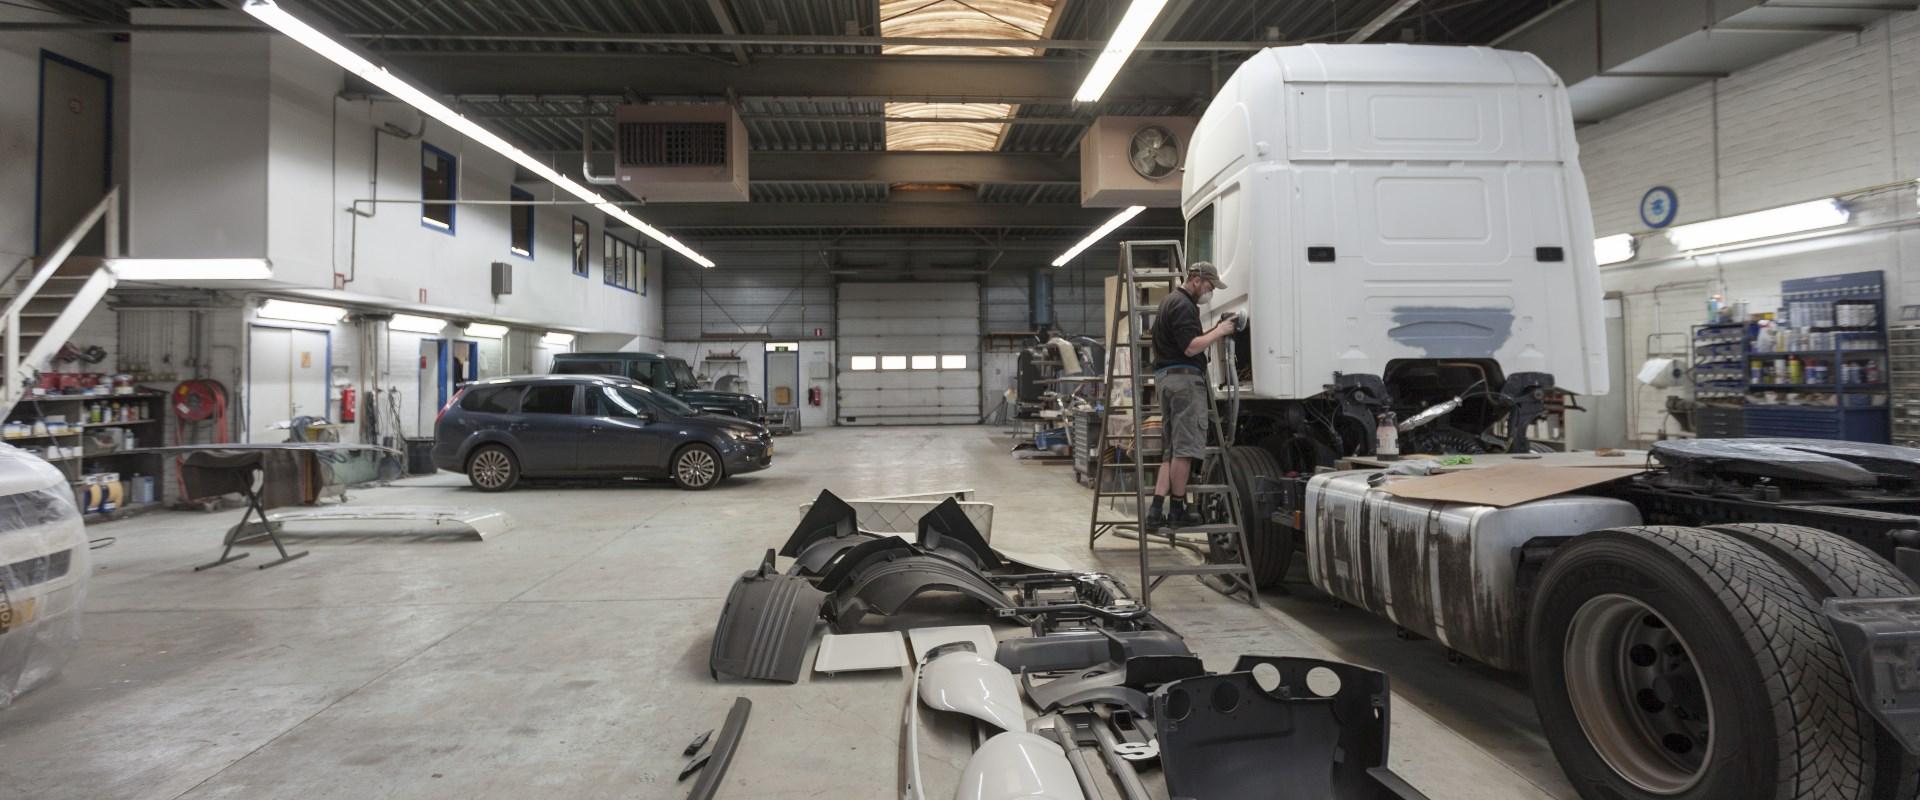 Autospuitbedrijf Kuperus Werkplaats